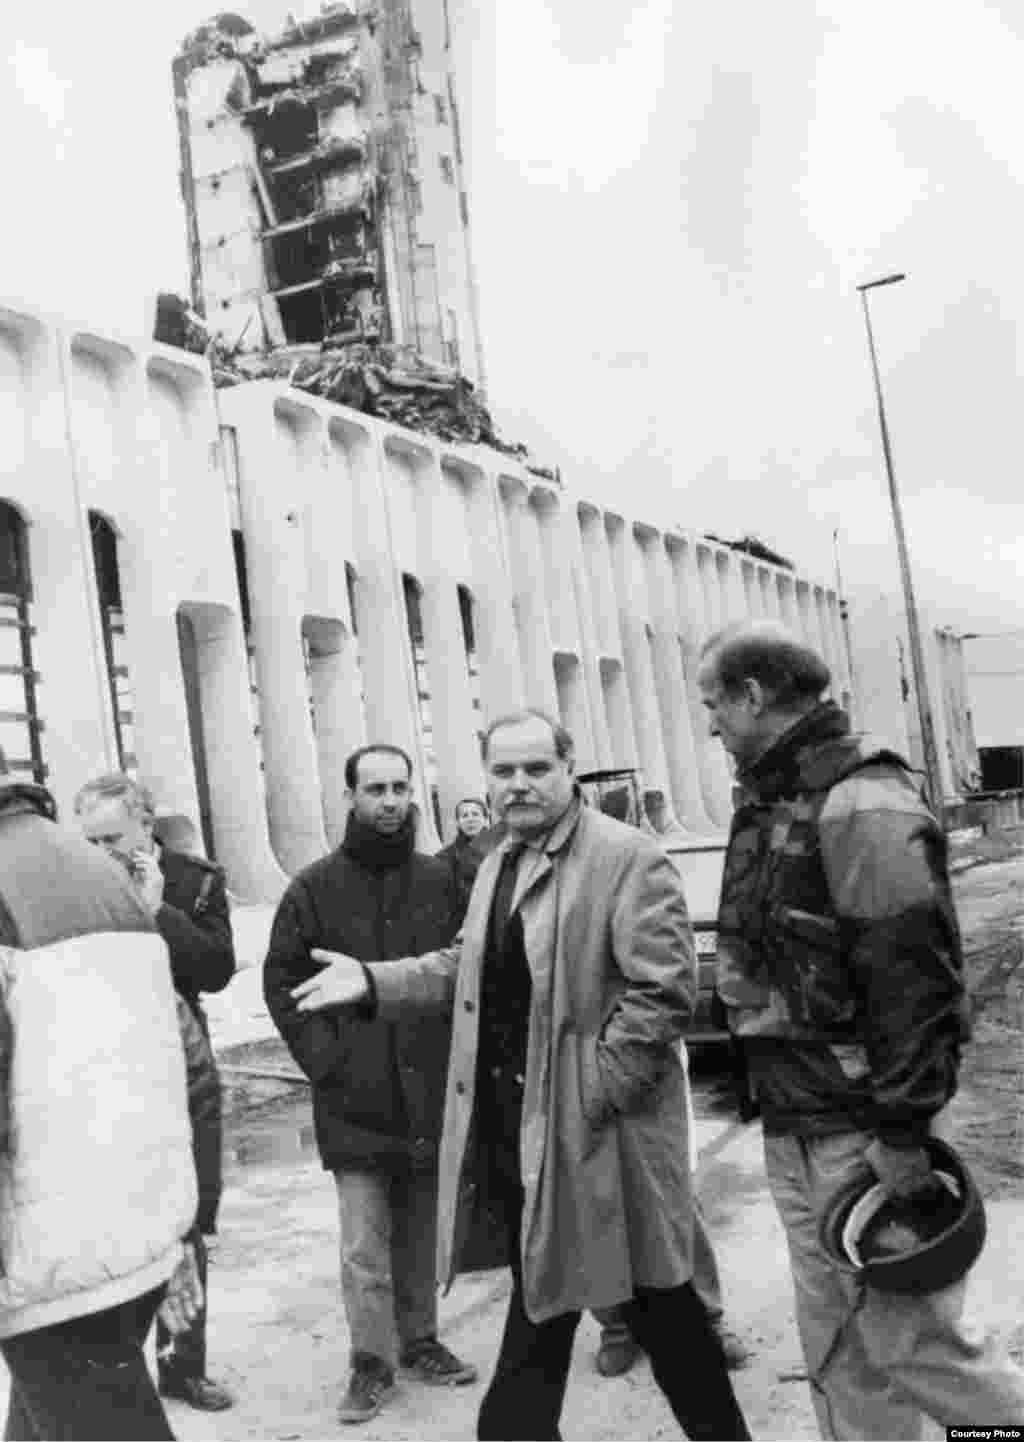 Arhivska fotografija - Džozef Bajden, tadašnji senator, u poseti opkoljenom Sarajevu 1993. susreo se sa tadašnjim urednikom lista Oslobođenje Kemalom Kurspahićem.